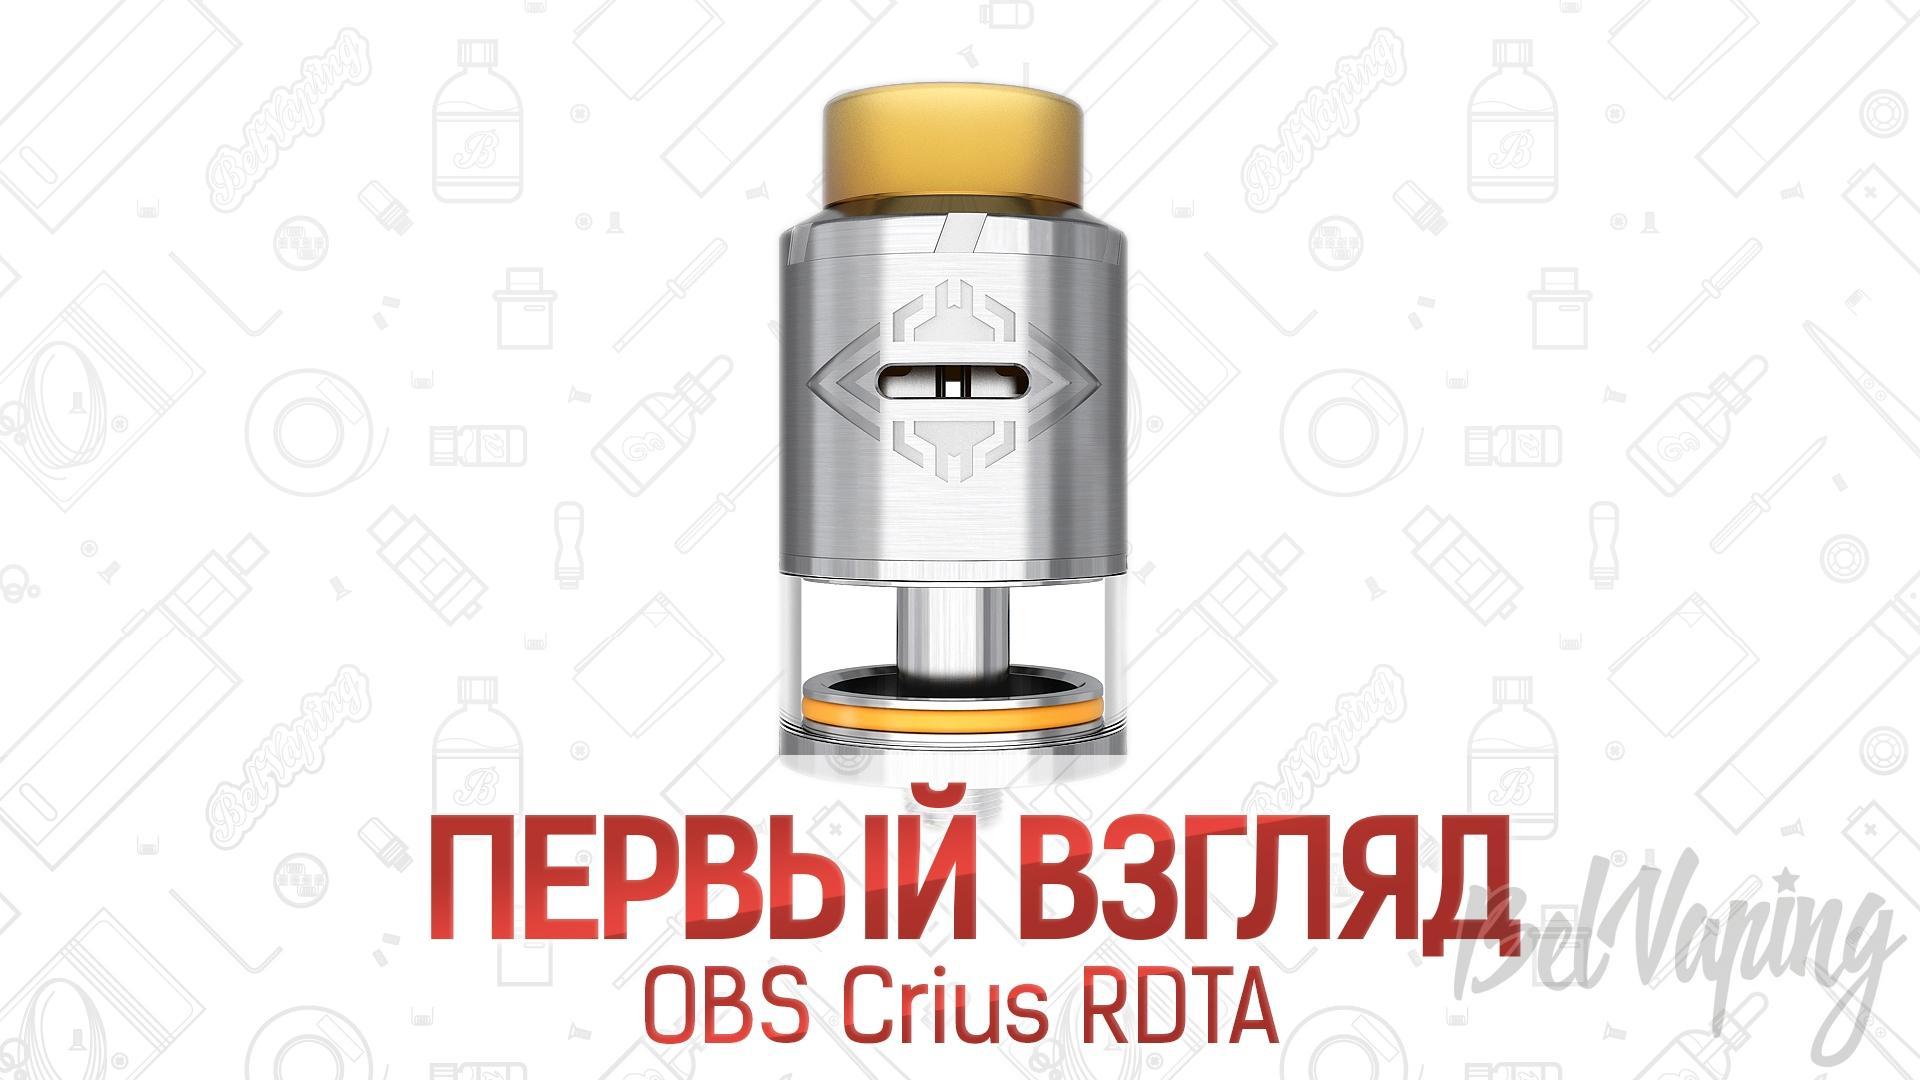 OBS Crius RDTA. Первый взгляд